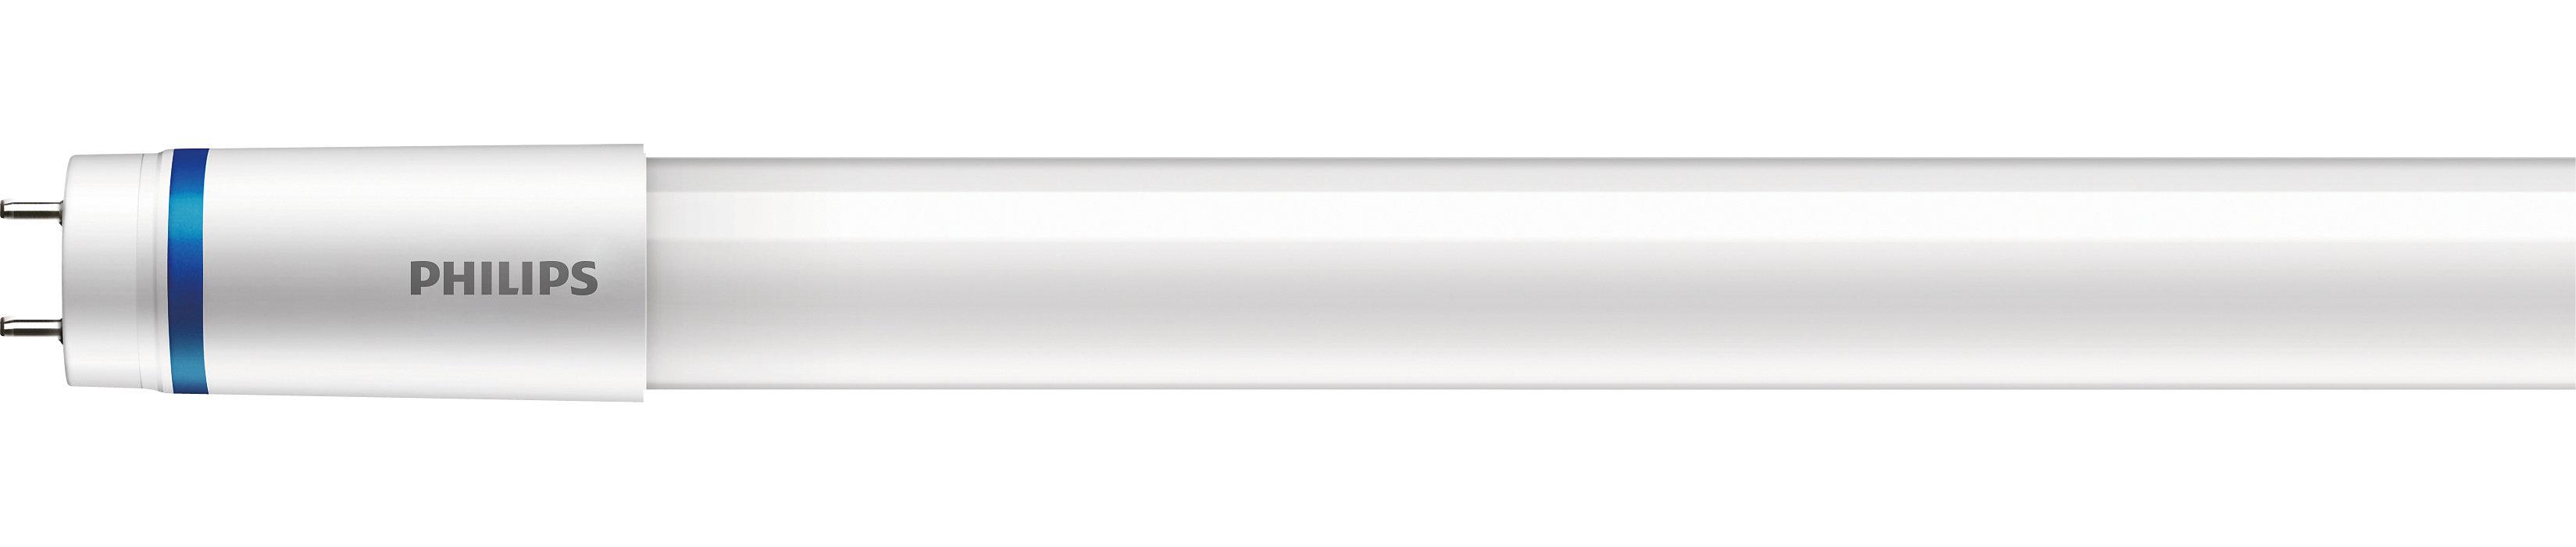 MASTER LEDtube GA - A nova geração de iluminação tubular econômica